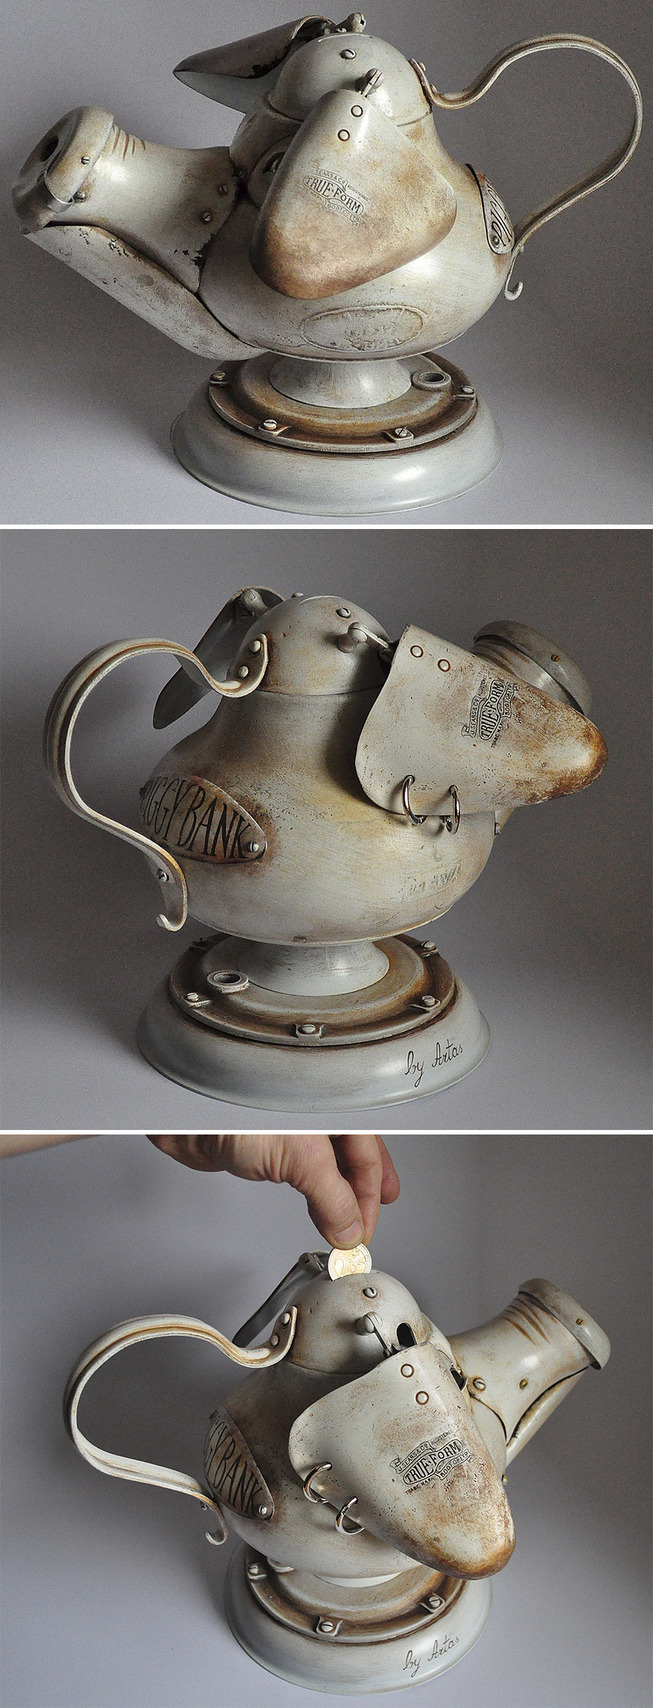 My-steampunk-sculptures-58ef389cd11c3__880